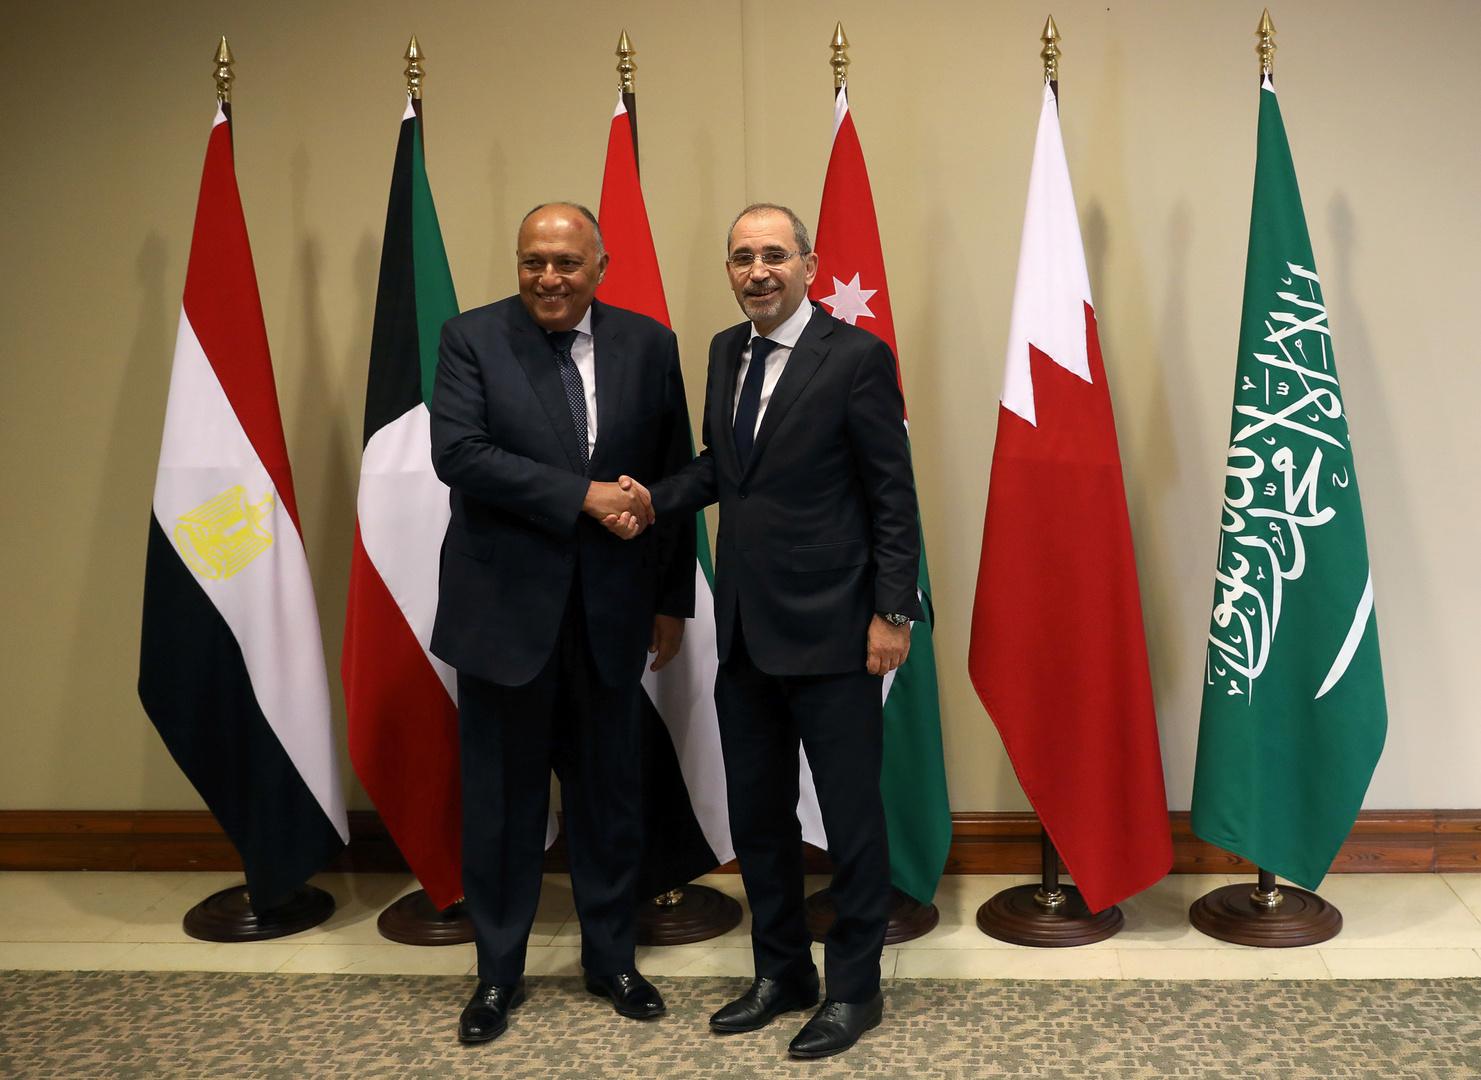 مصر والأردن تحذران من أي خطوات أحادية لضم أجزاء من الضفة الغربية